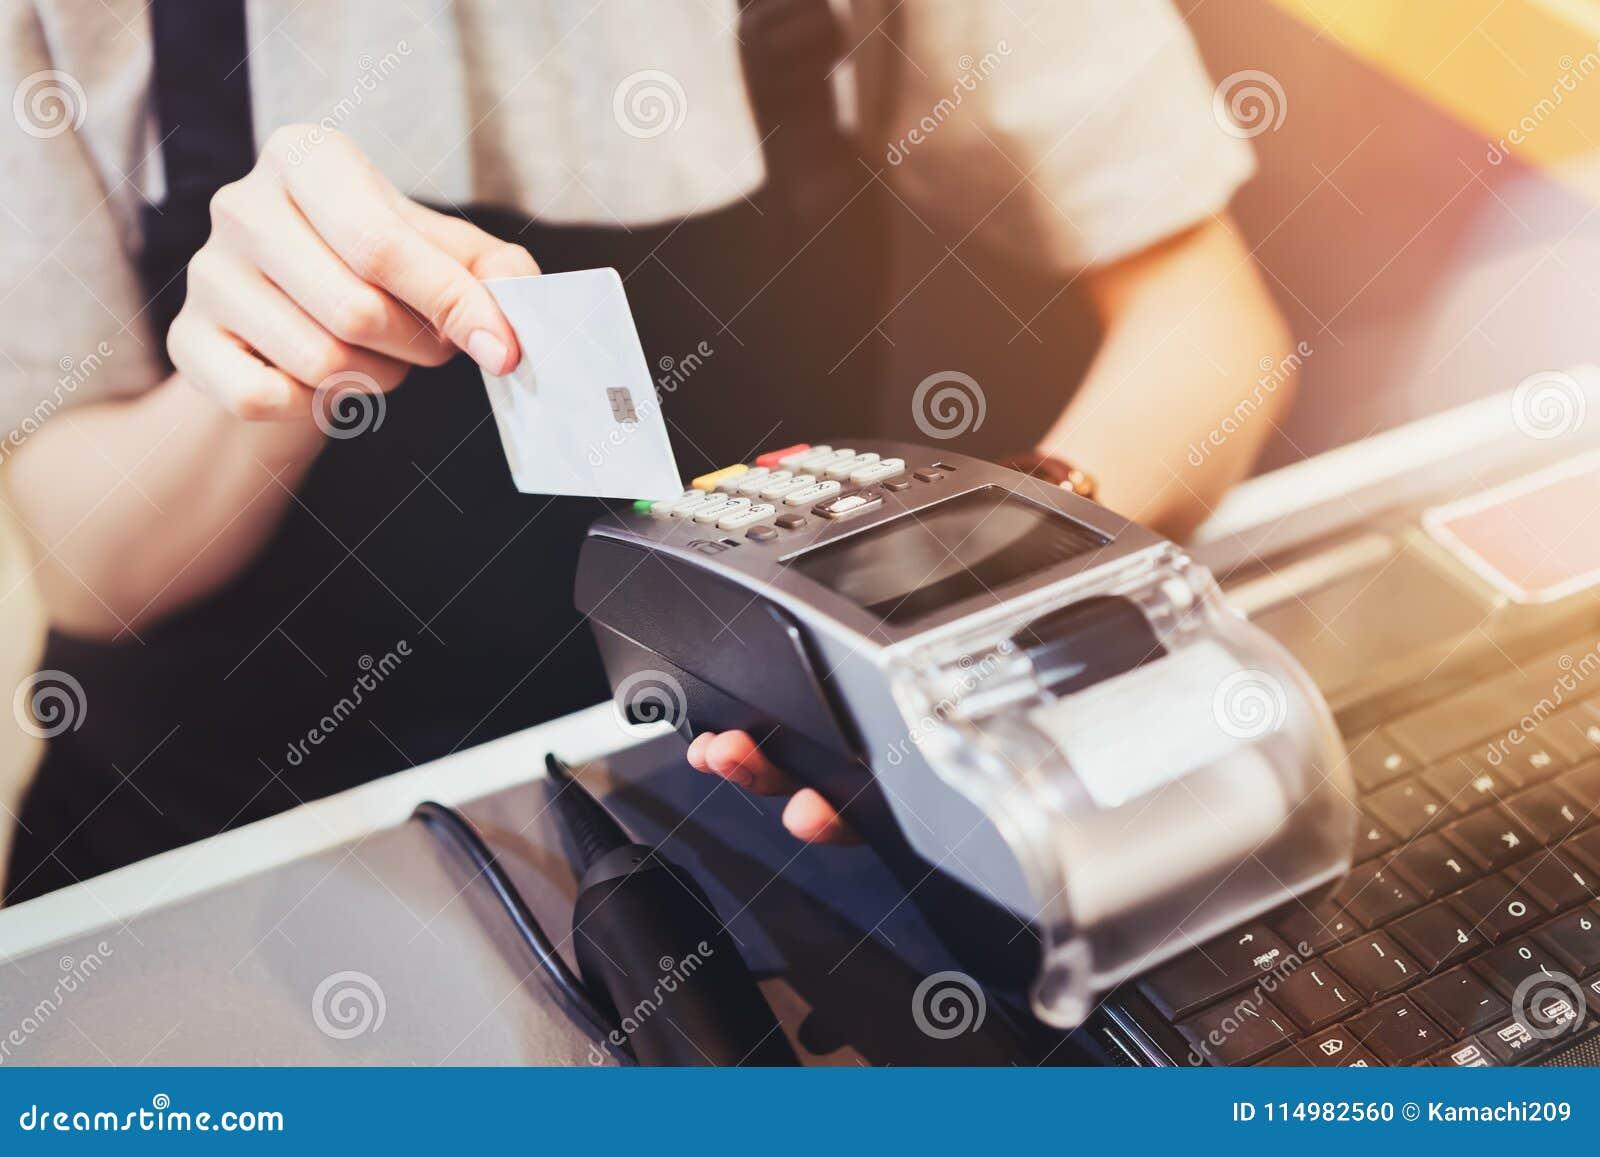 Begrepp av teknologi i köpande, utan att använda kassa Slut upp av handbrukskreditkorten som nallar maskinen för att betala